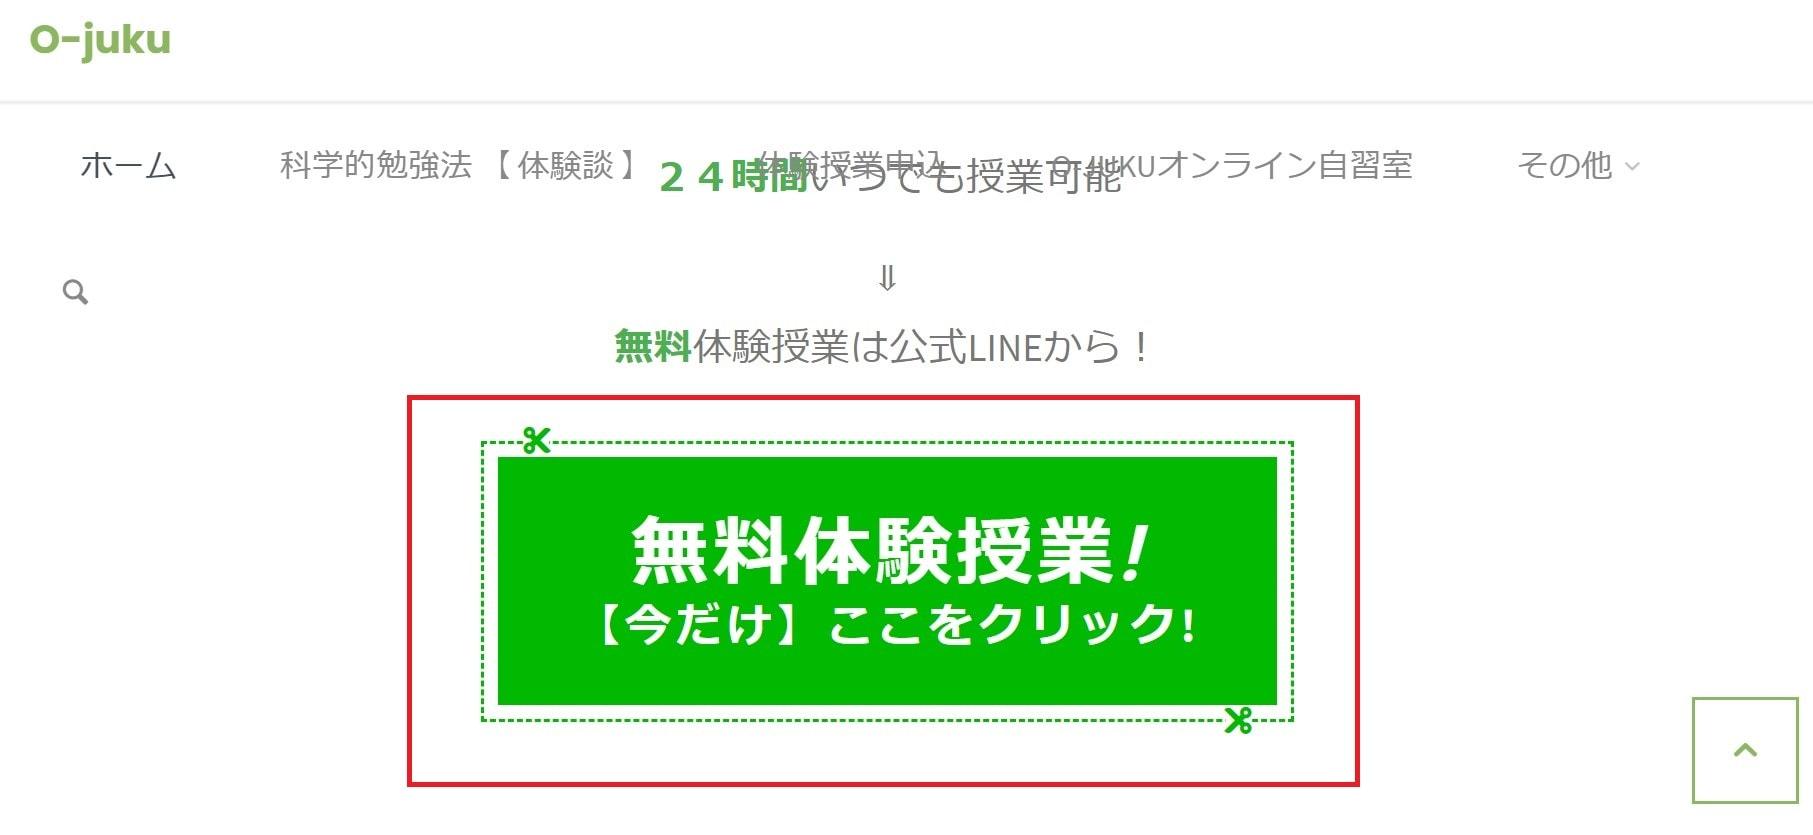 オンライン家庭教師O-jukuの無料体験授業のボタン